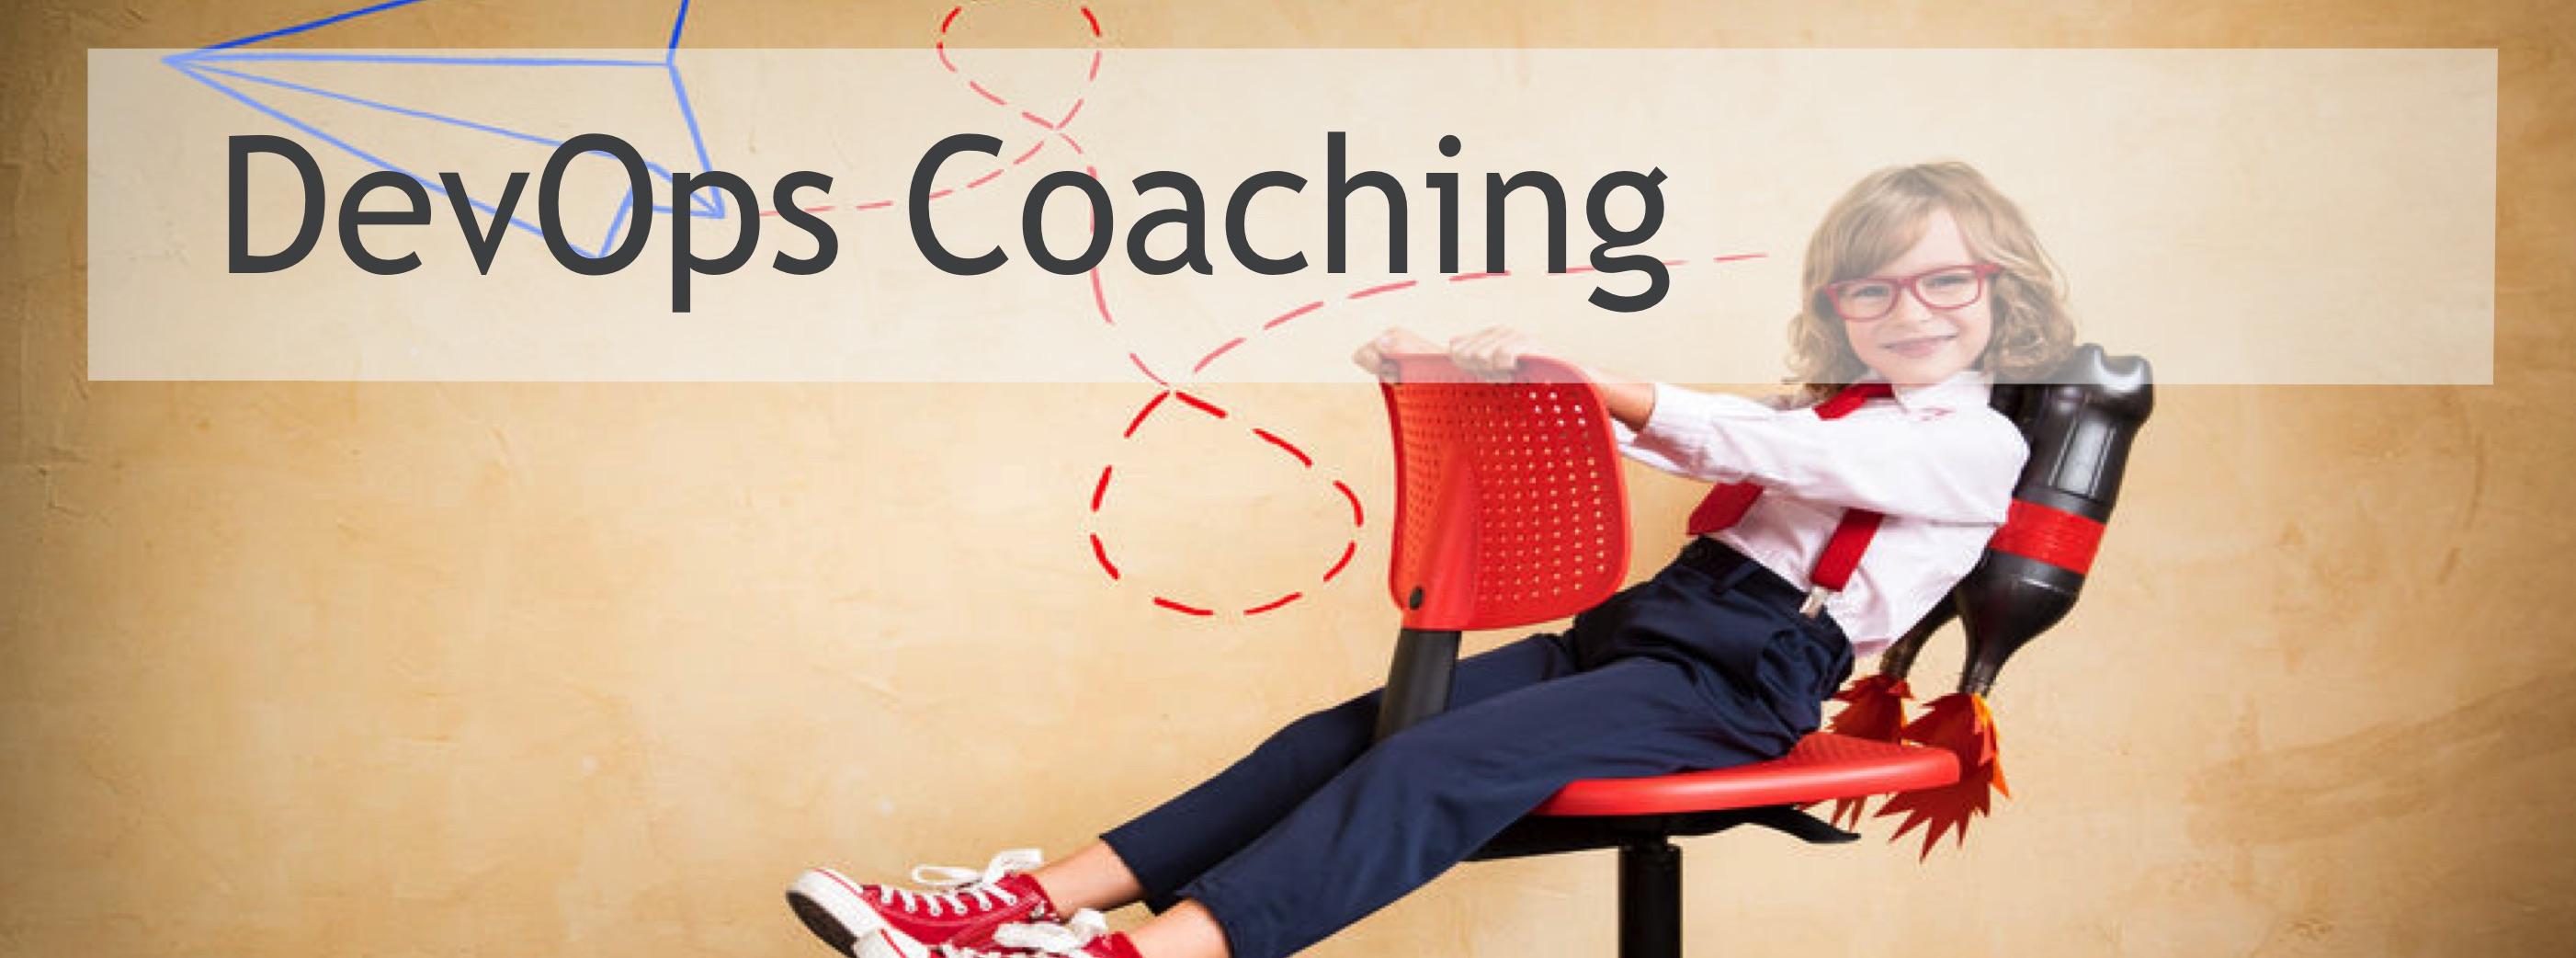 DevOps Coaching Banner-1.jpg